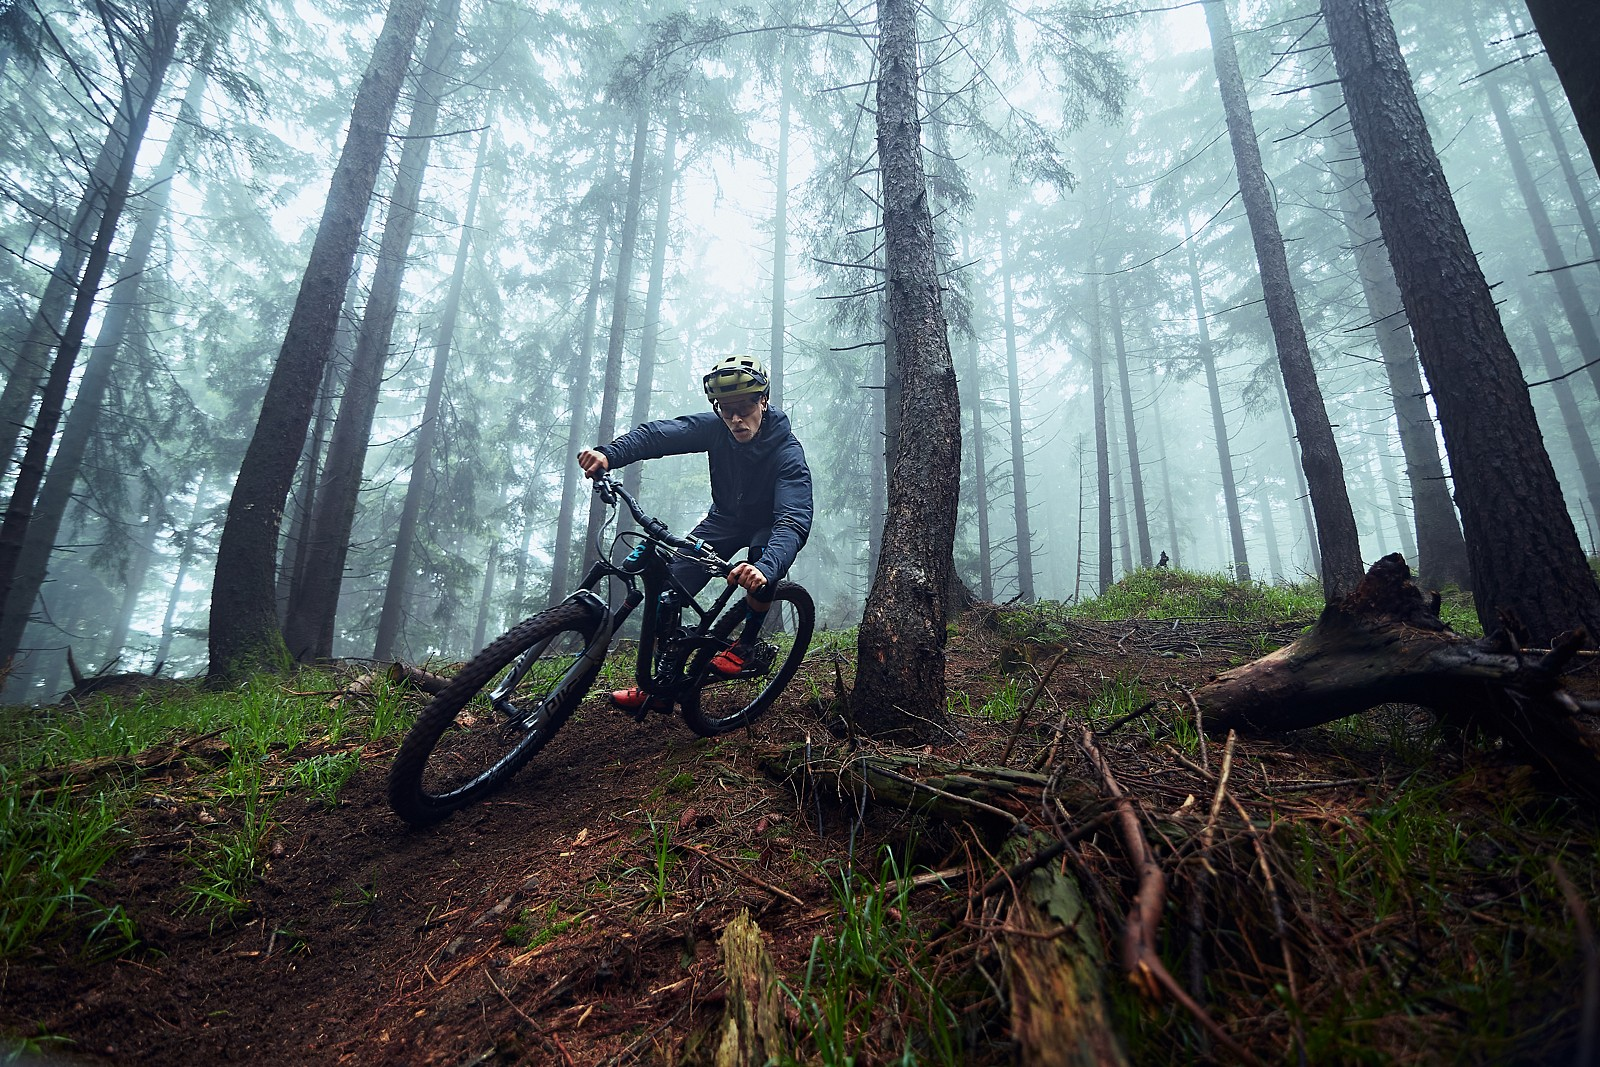 summervibes, not - johnseehu - Mountain Biking Pictures - Vital MTB